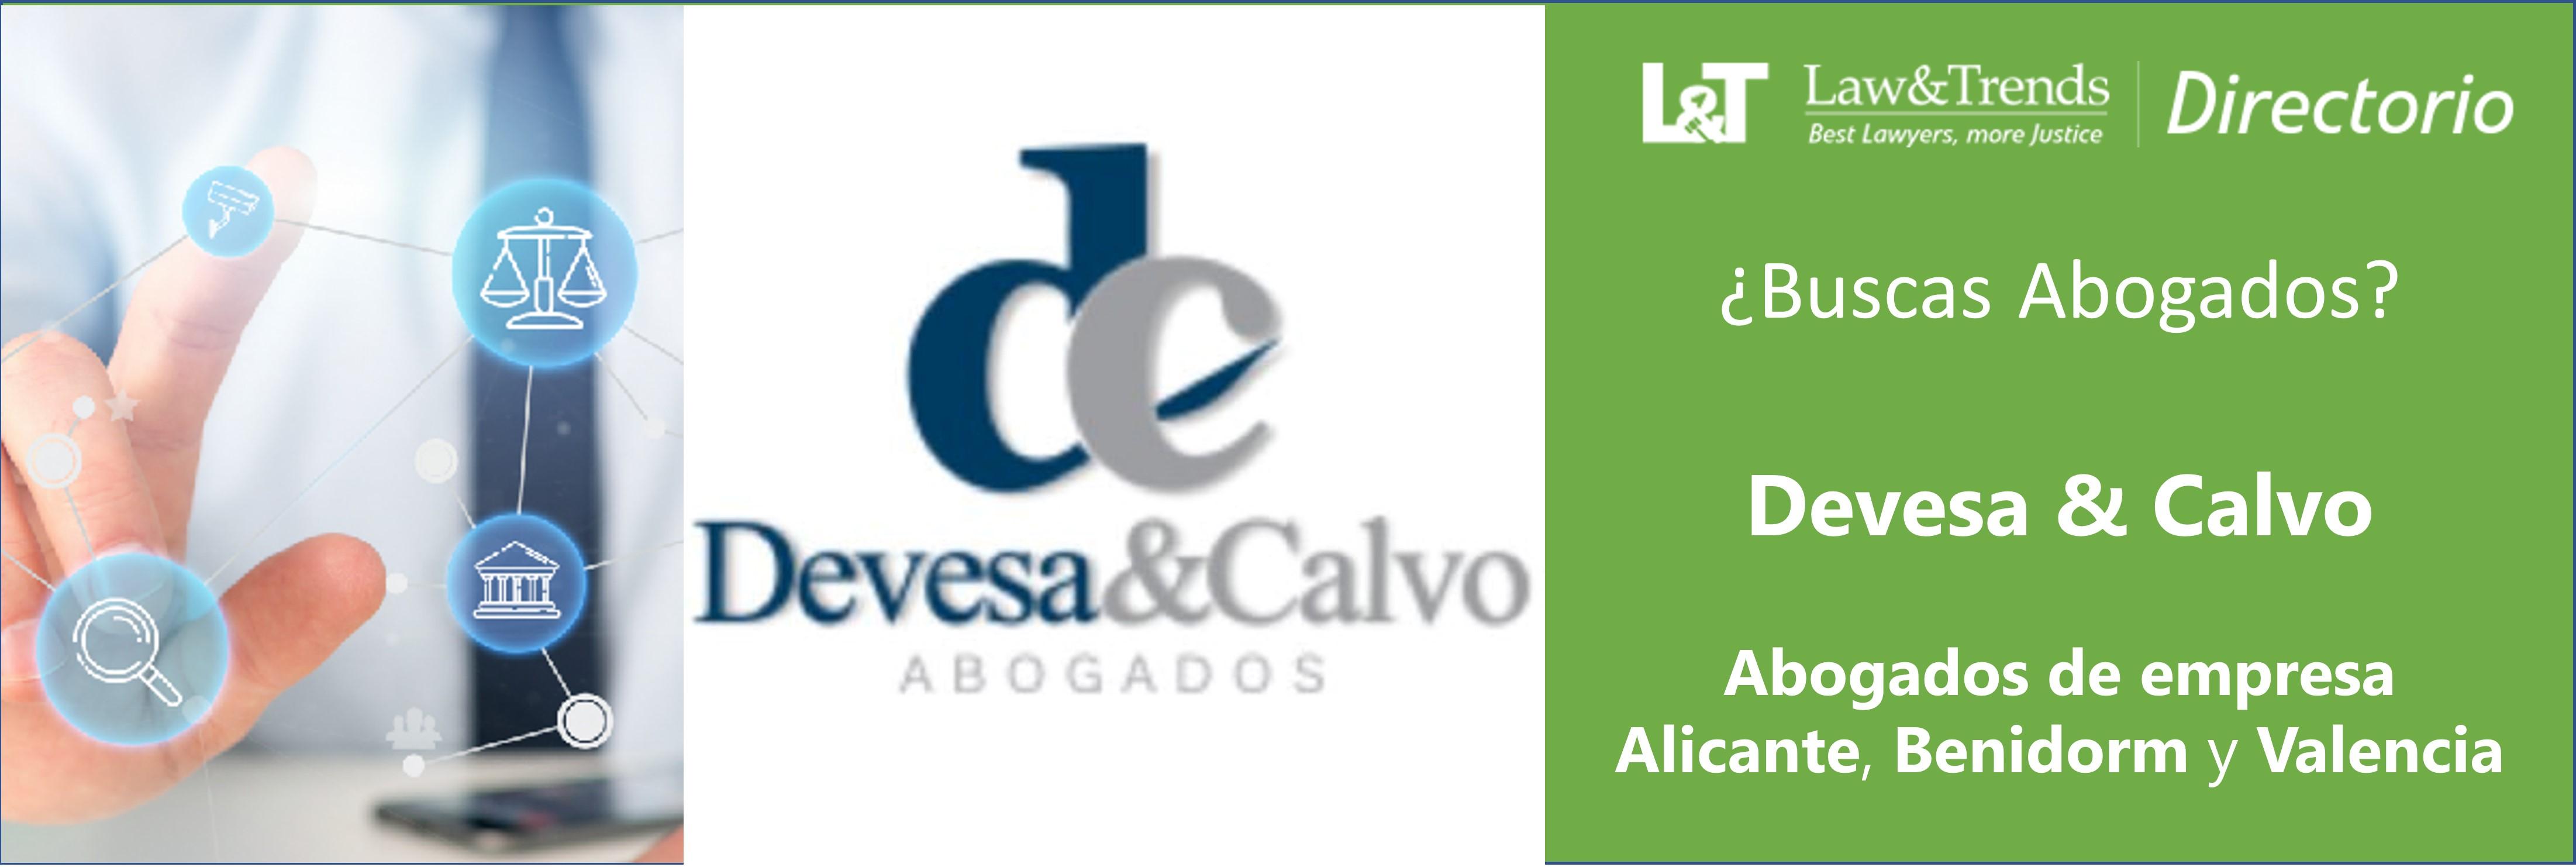 Devesa & Calvo Alicante Valencia castellón